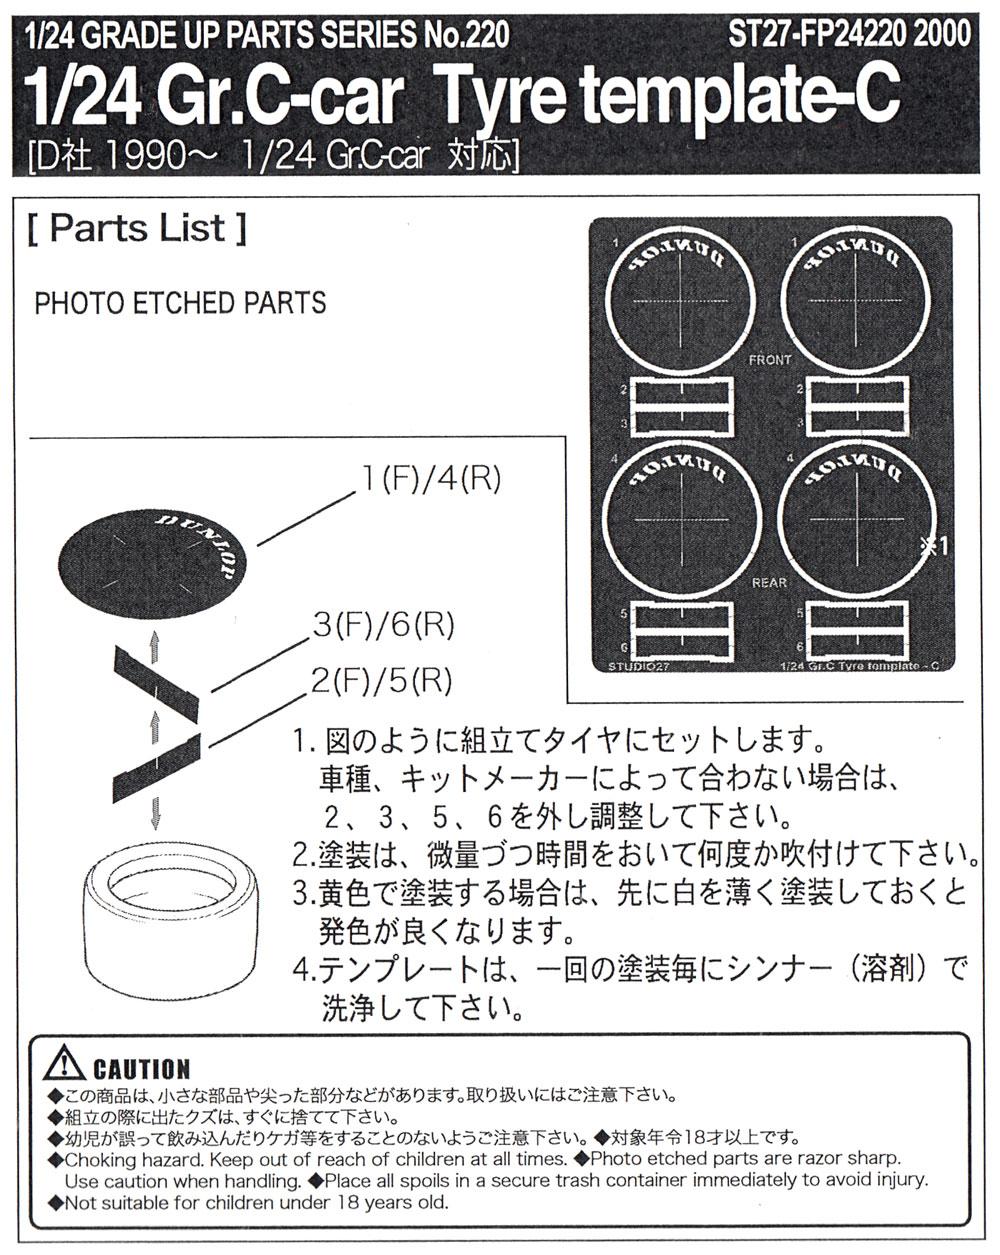 Gr.Cカー タイヤ テンプレート C (ダンロップ) 1990-テンプレート(スタジオ27ツーリングカー/GTカー デティールアップパーツNo.FP24220)商品画像_1